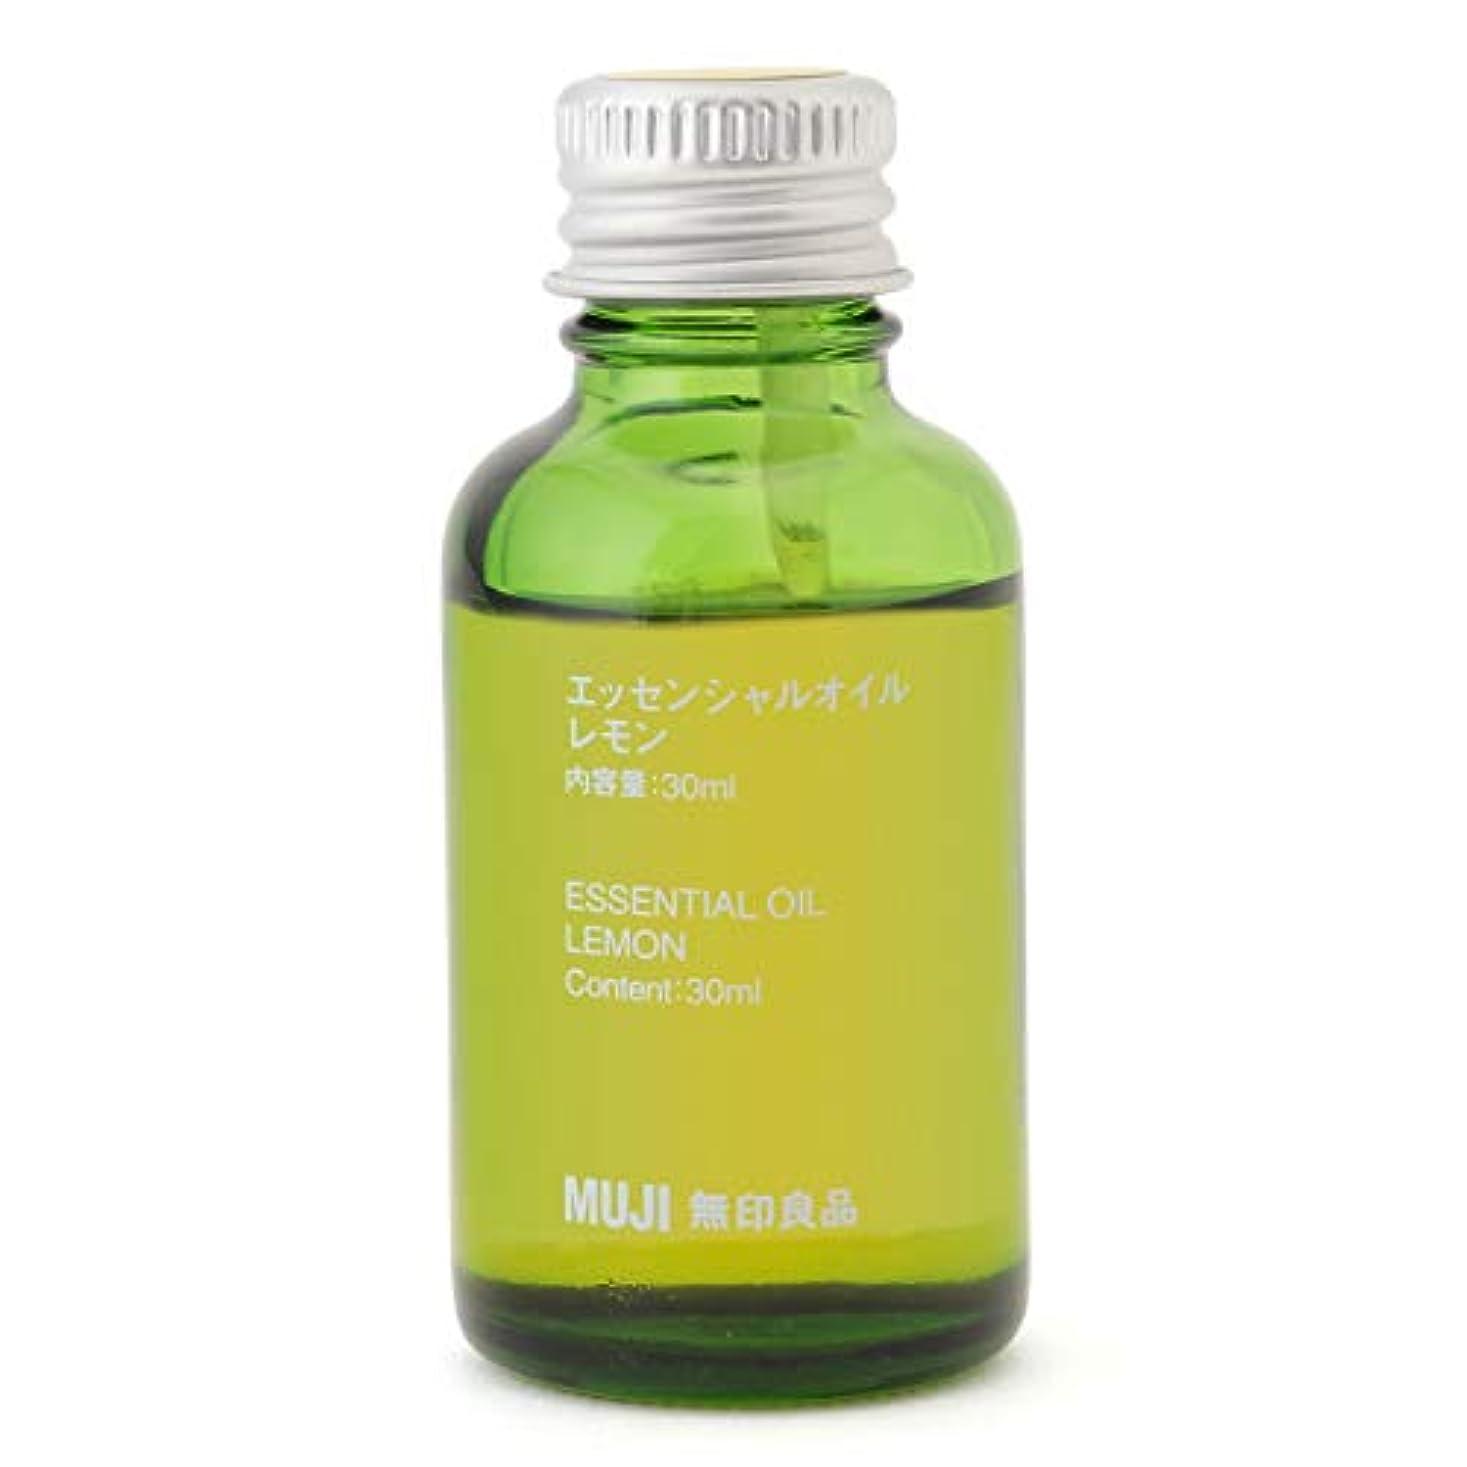 暴力ヘッドレス塩辛い【無印良品】エッセンシャルオイル30ml(レモン)